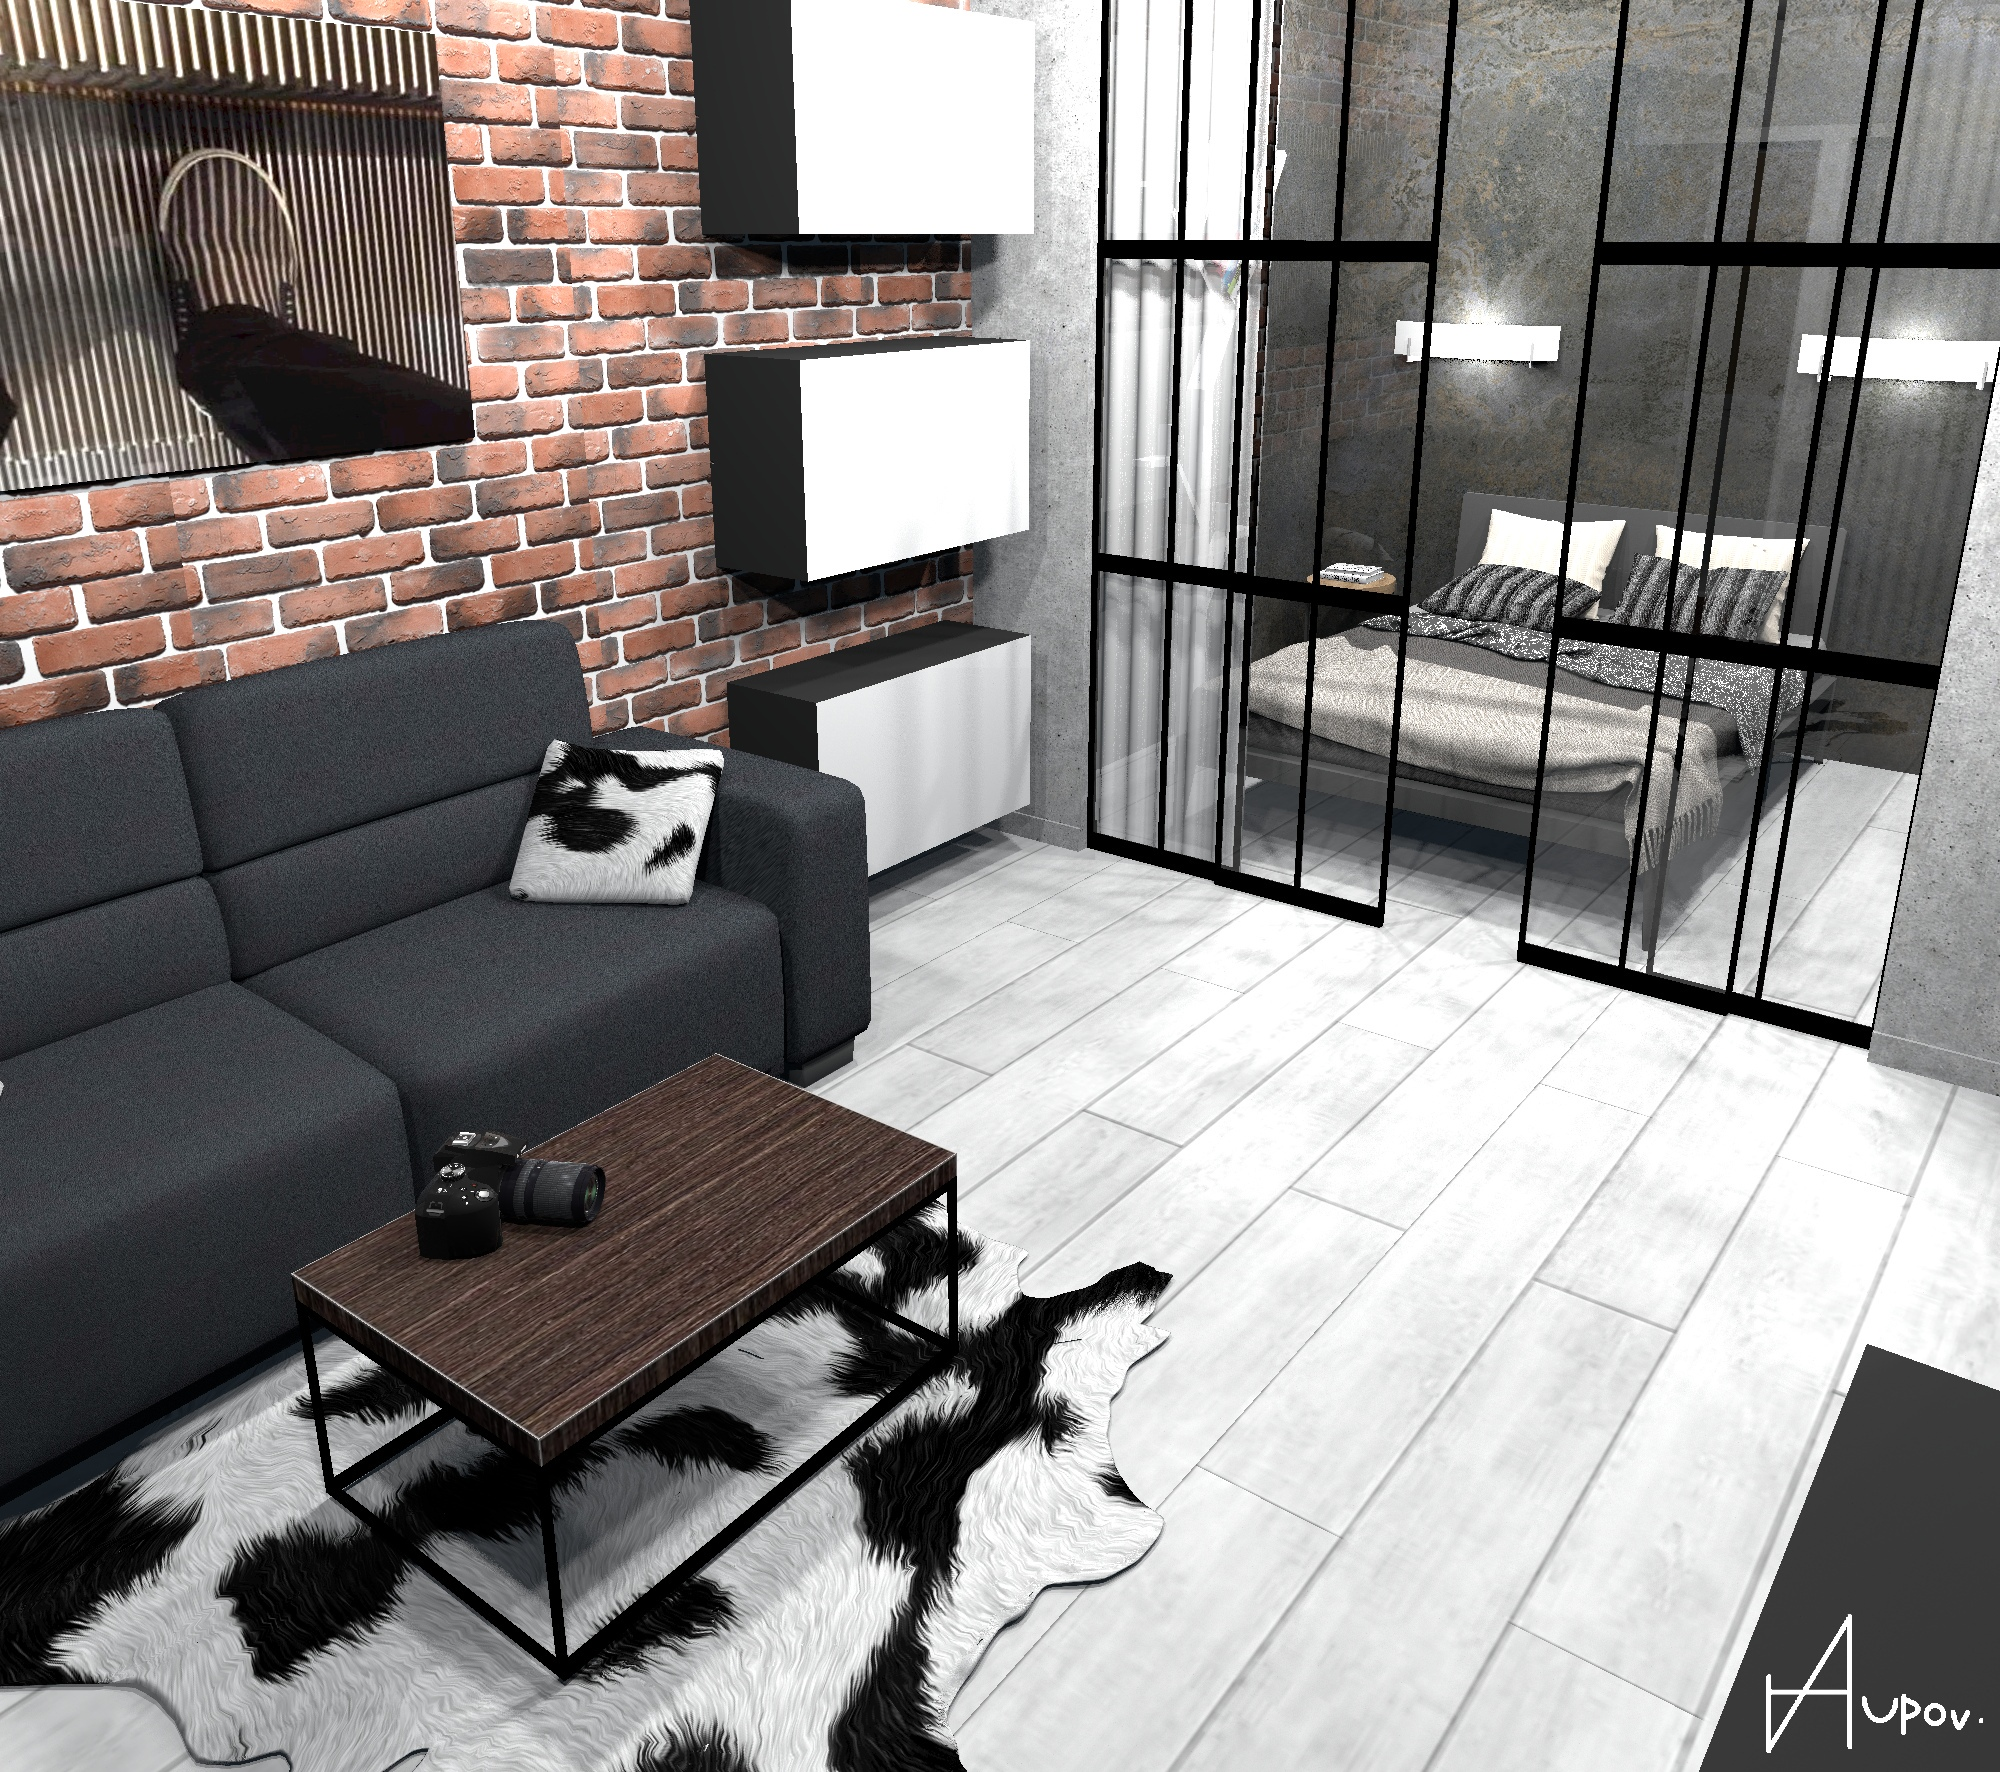 Однокомнатная квартира 40 кв/м в стиле лофт с совмещенной гостиной-спальней.